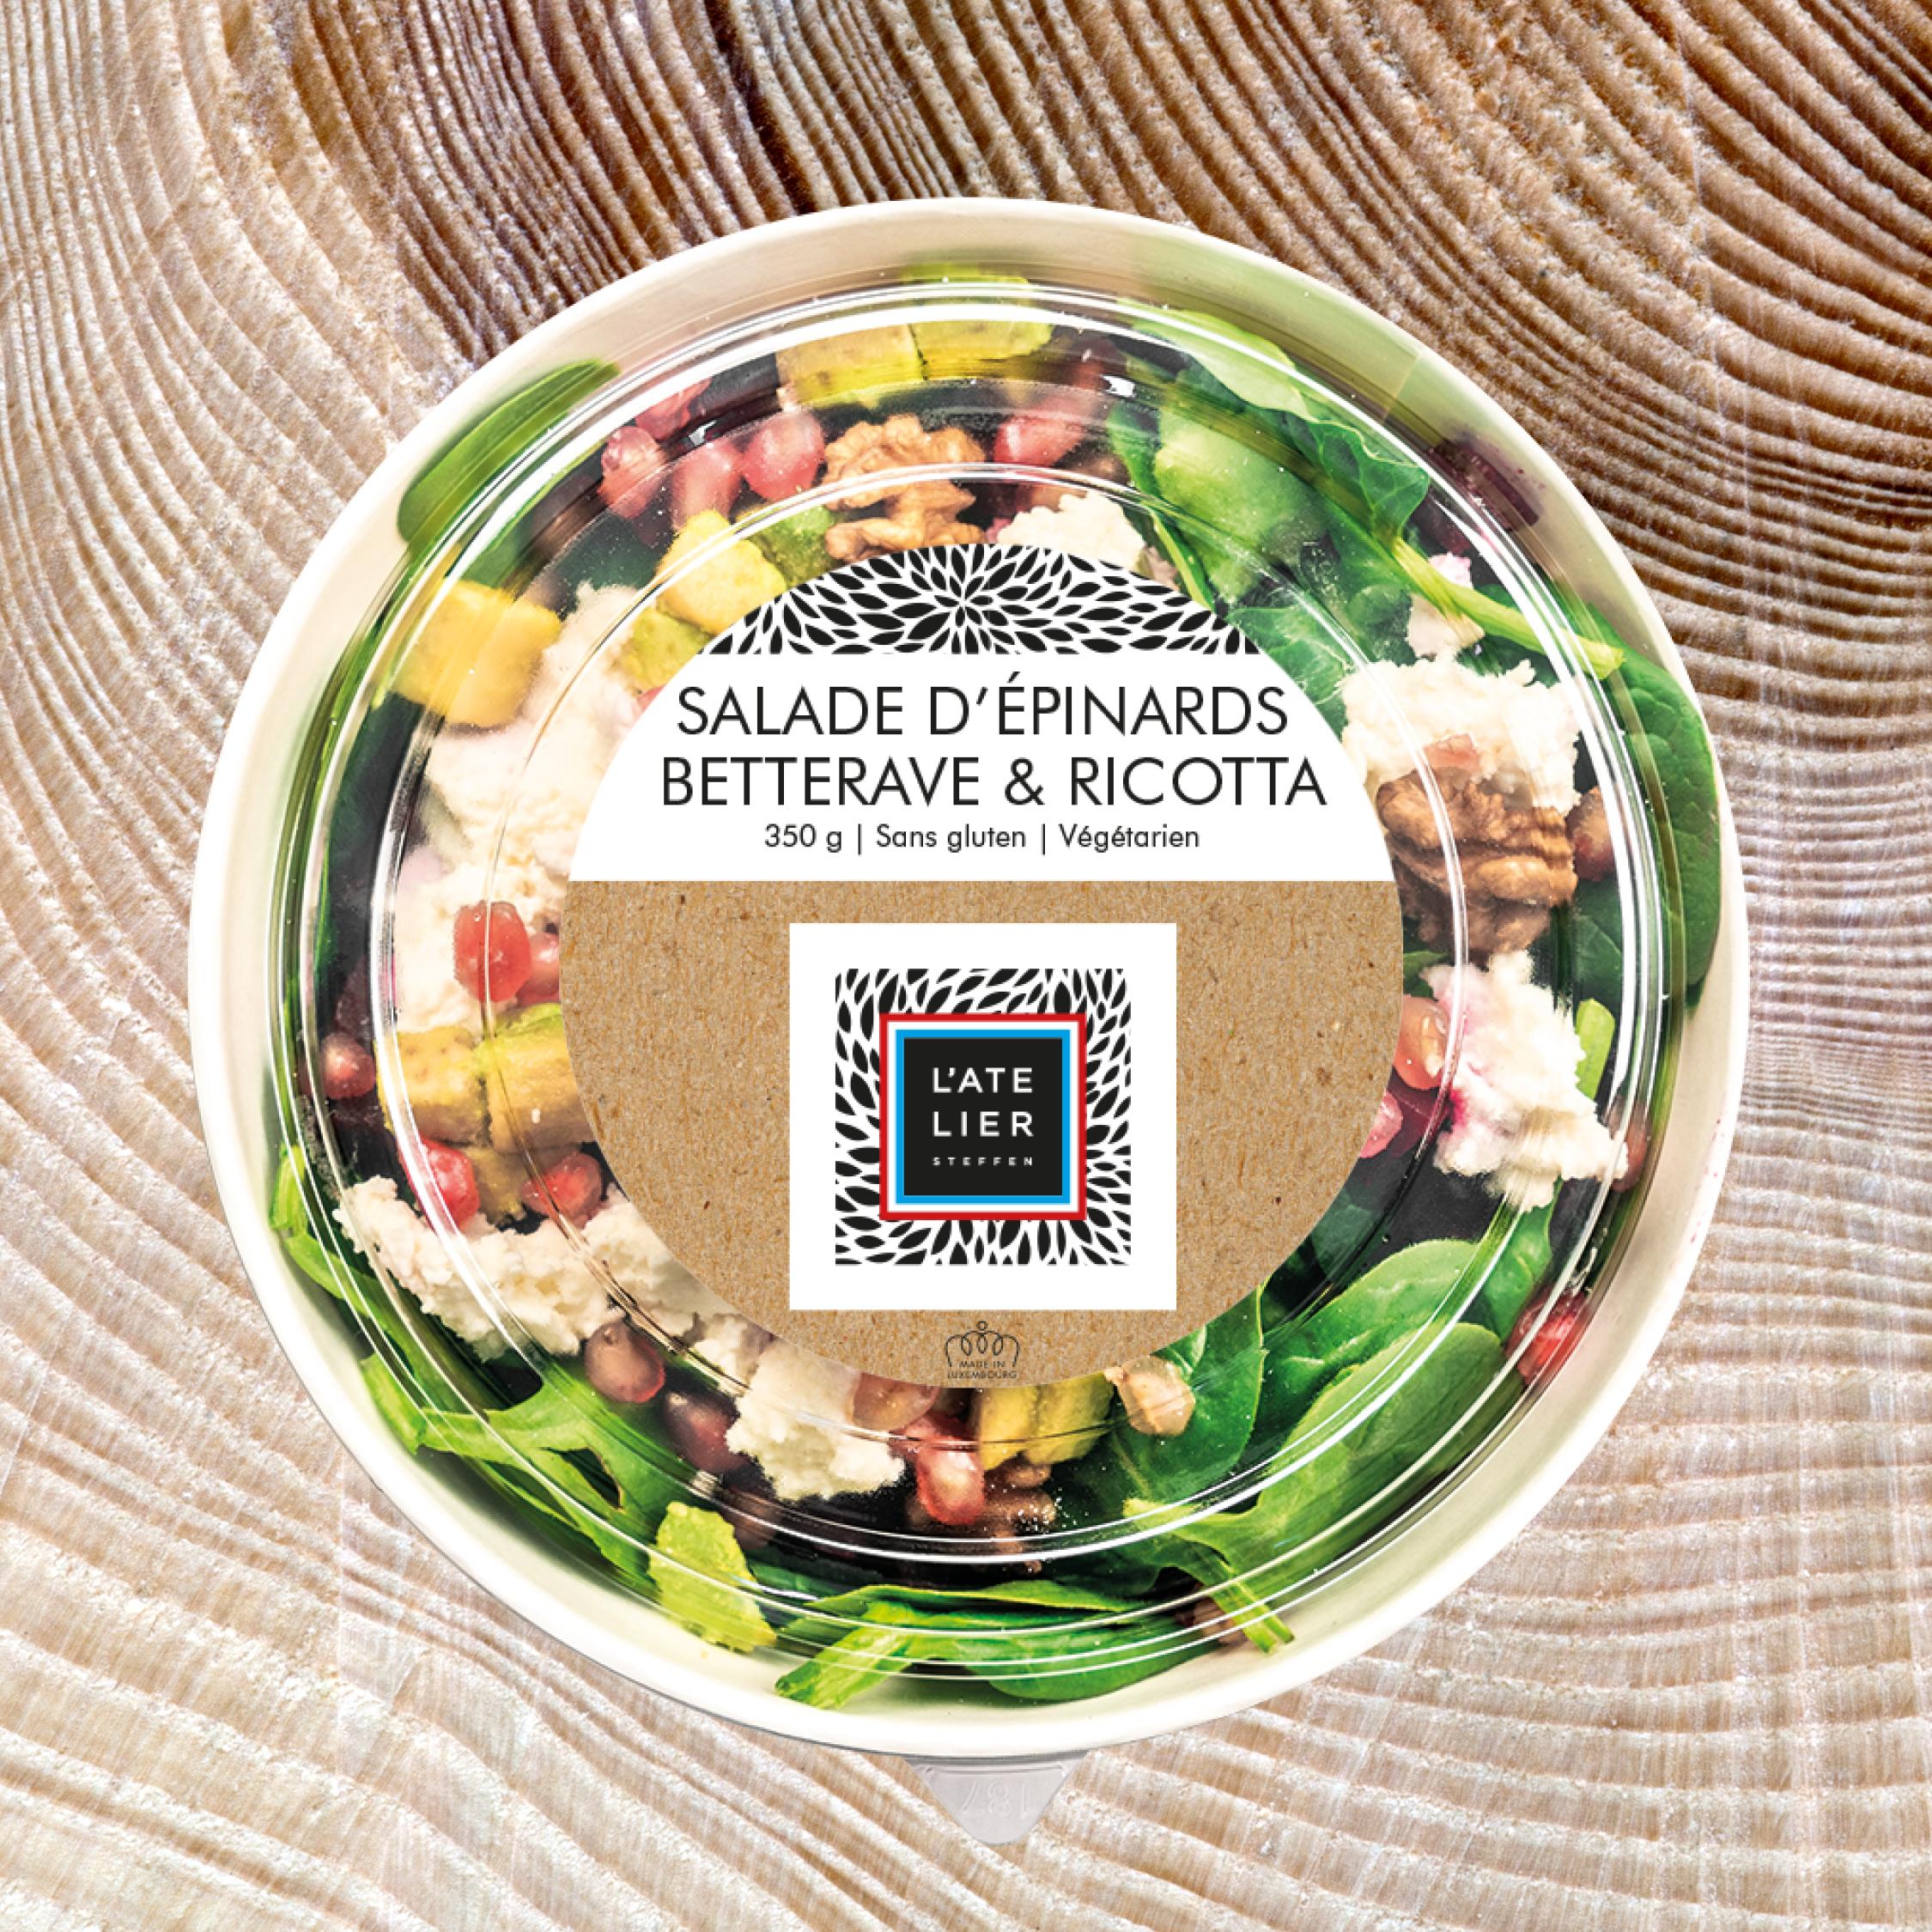 Salade d'épinards  betterave & ricotta